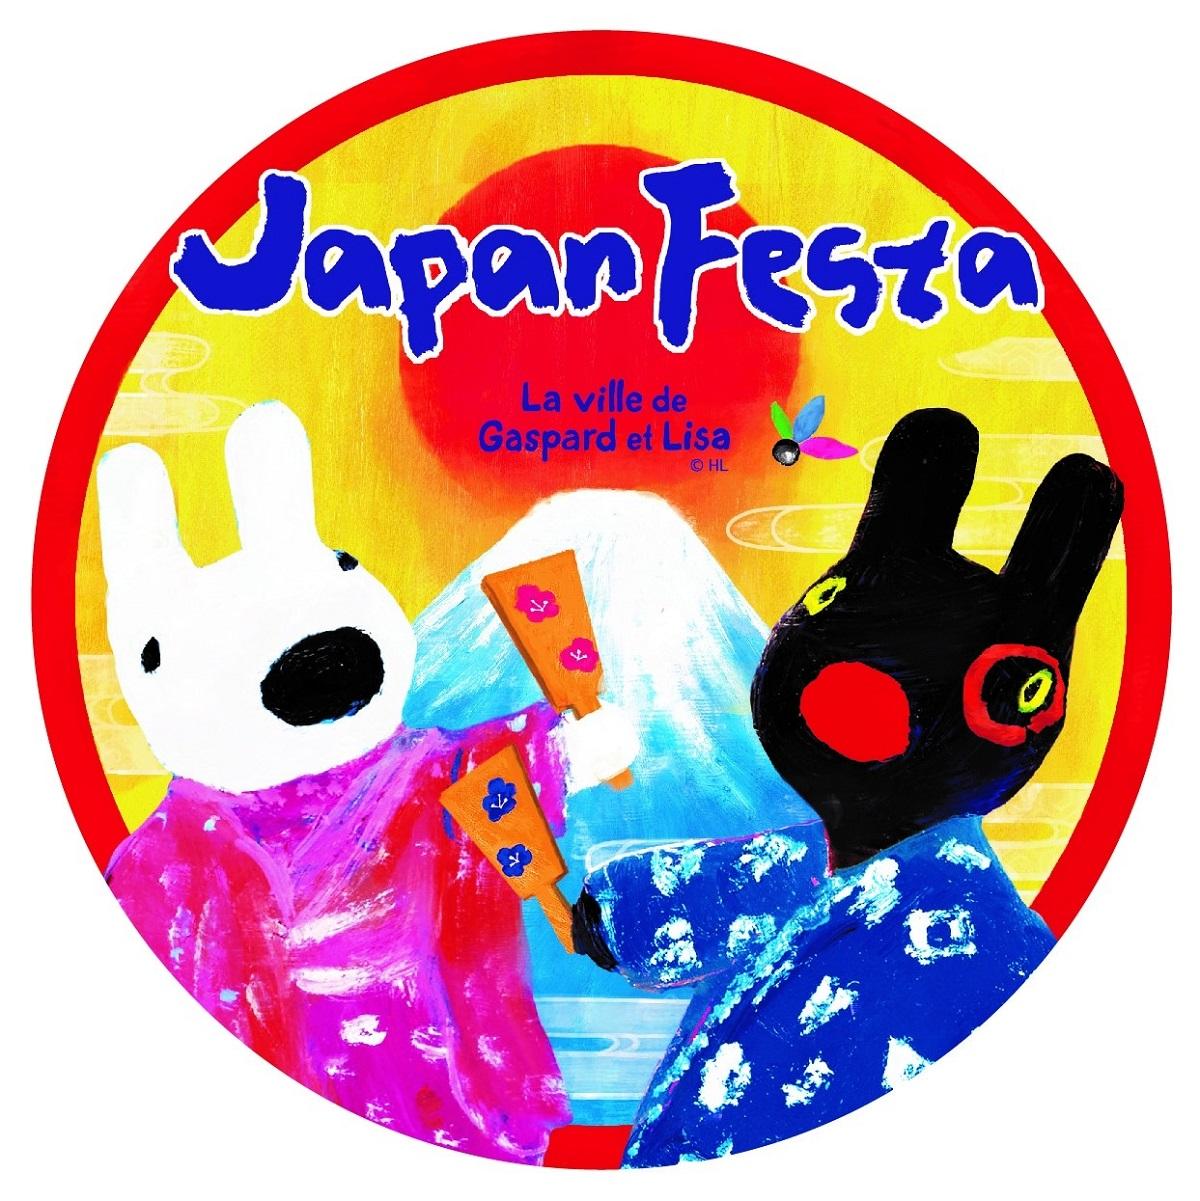 〈リサとガスパール タウン〉世界初!和装のリサとガスパールに会える「ジャパン フェスタ」開催